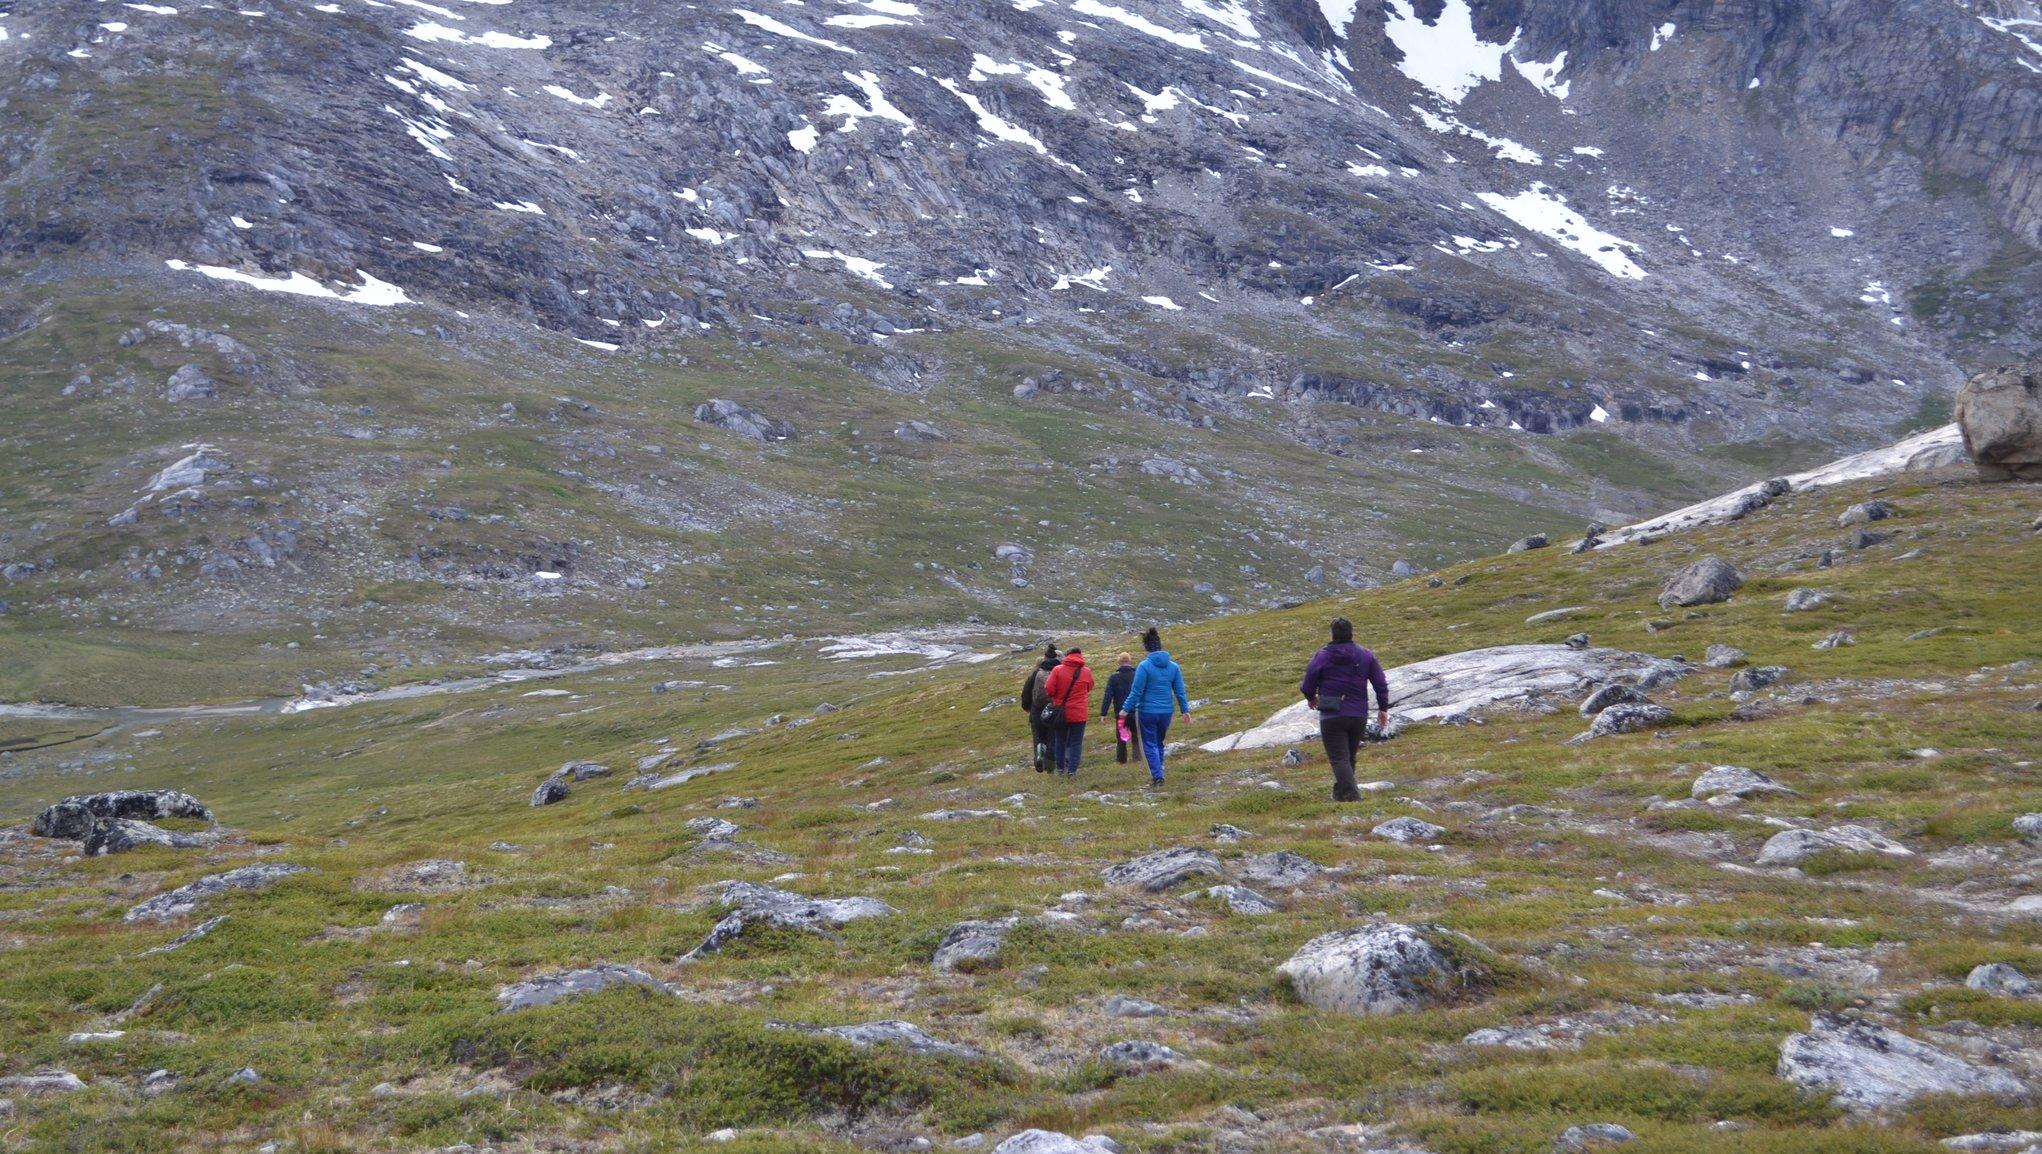 Ulykkesforsikring erhverv - Grønland - Kalaallit Forsikring